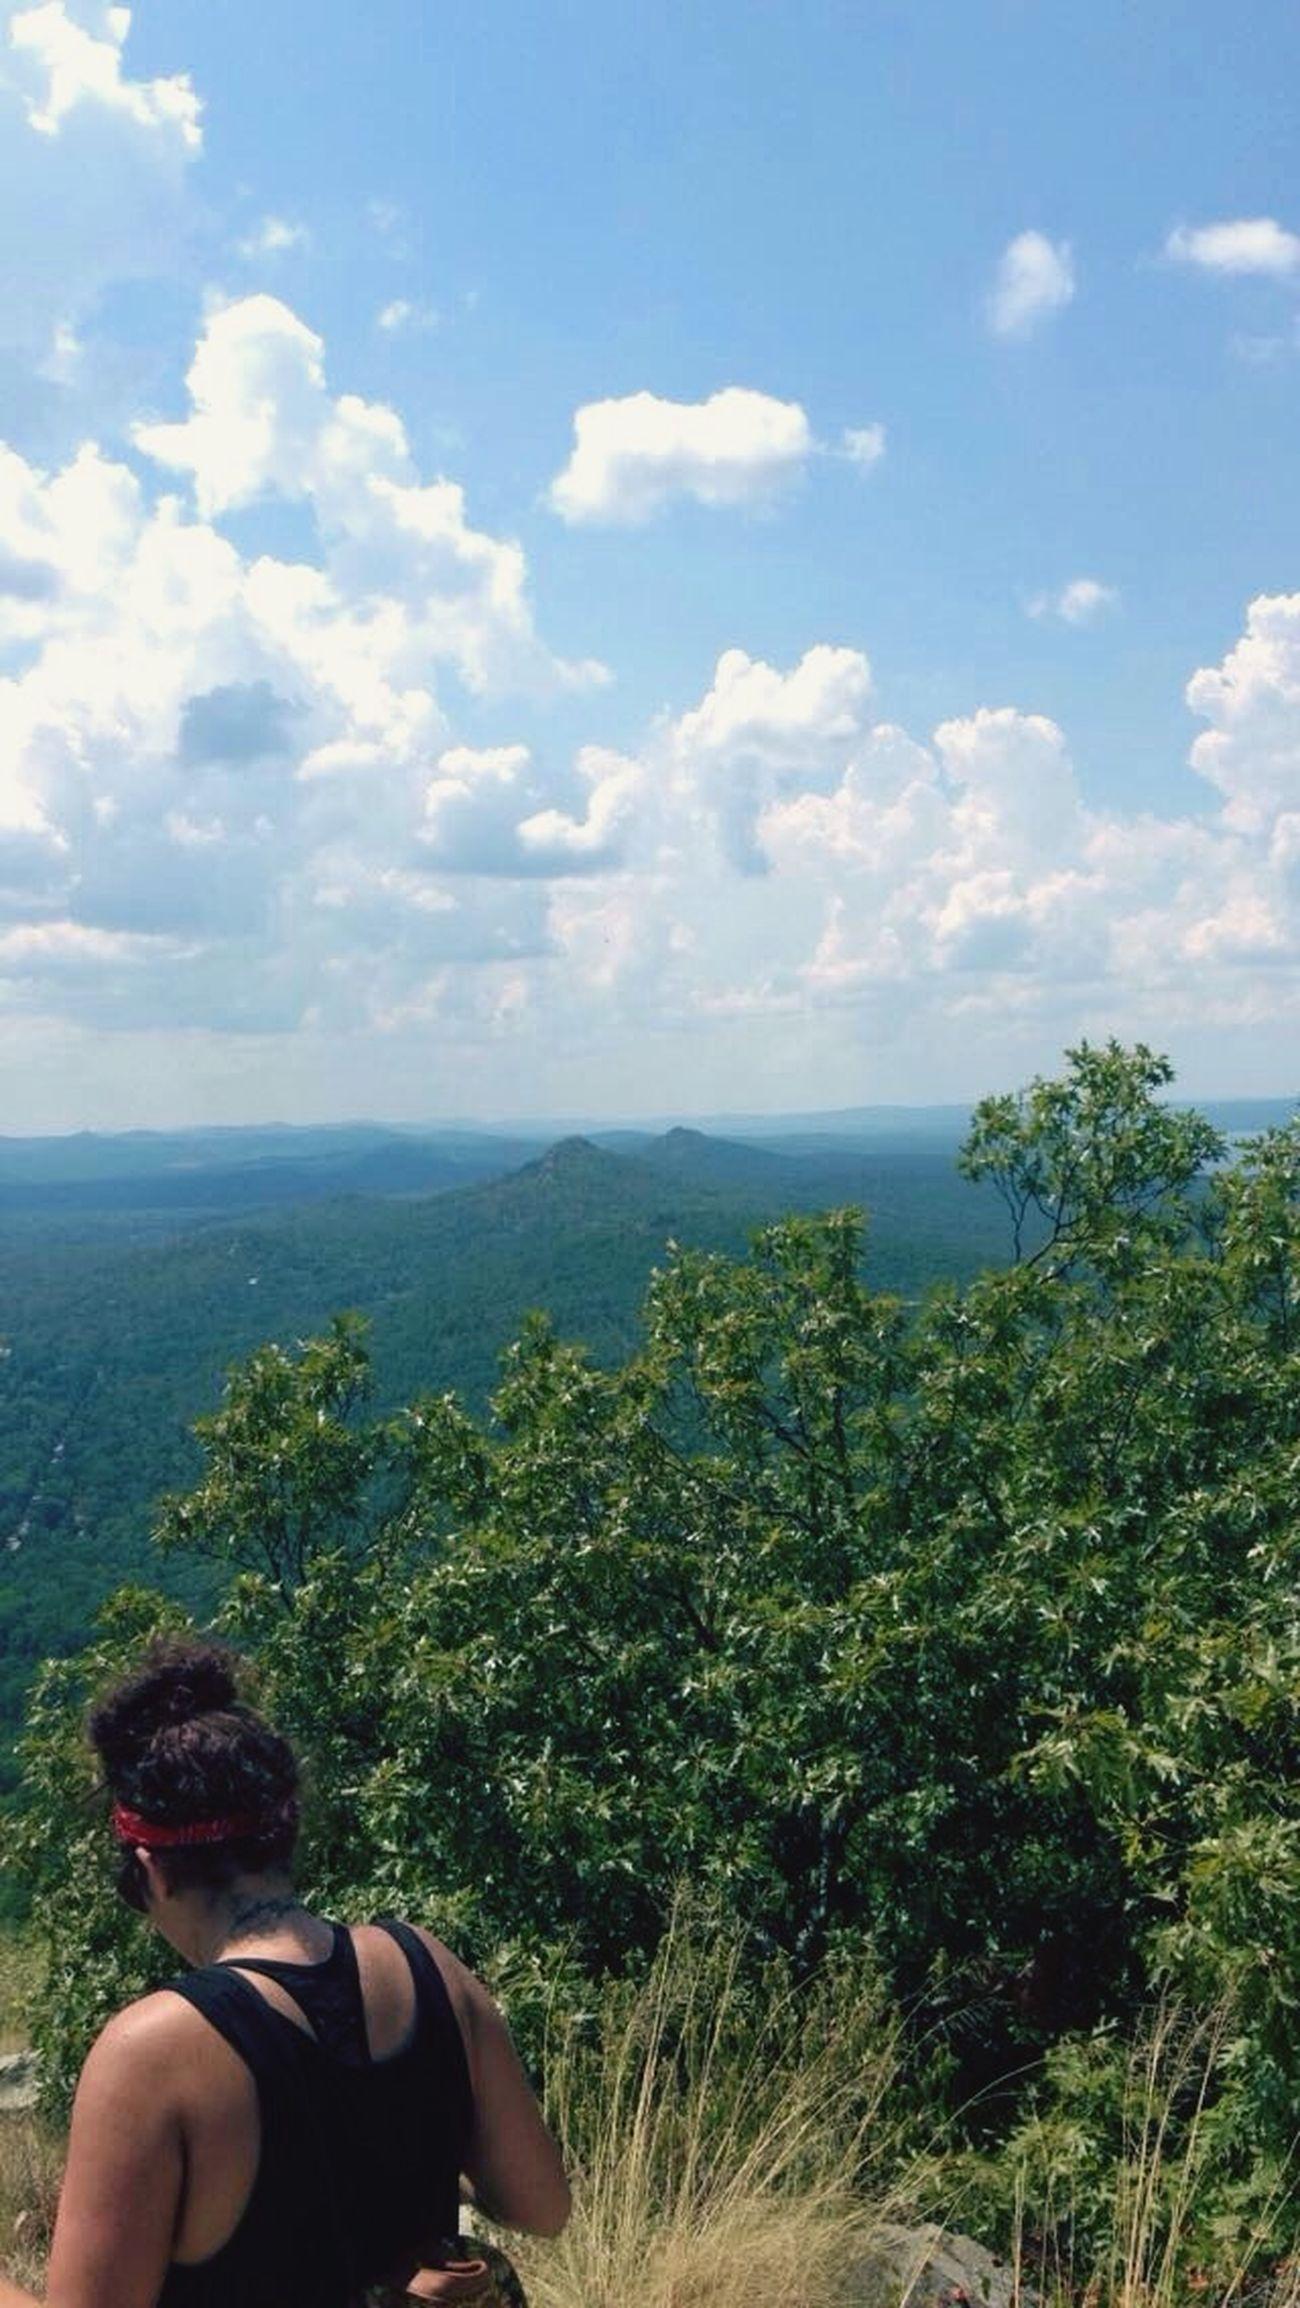 Edge Of The World Arkansas Beautiful Arkansas Pinnacle Mountain Arkansas USA Hiking